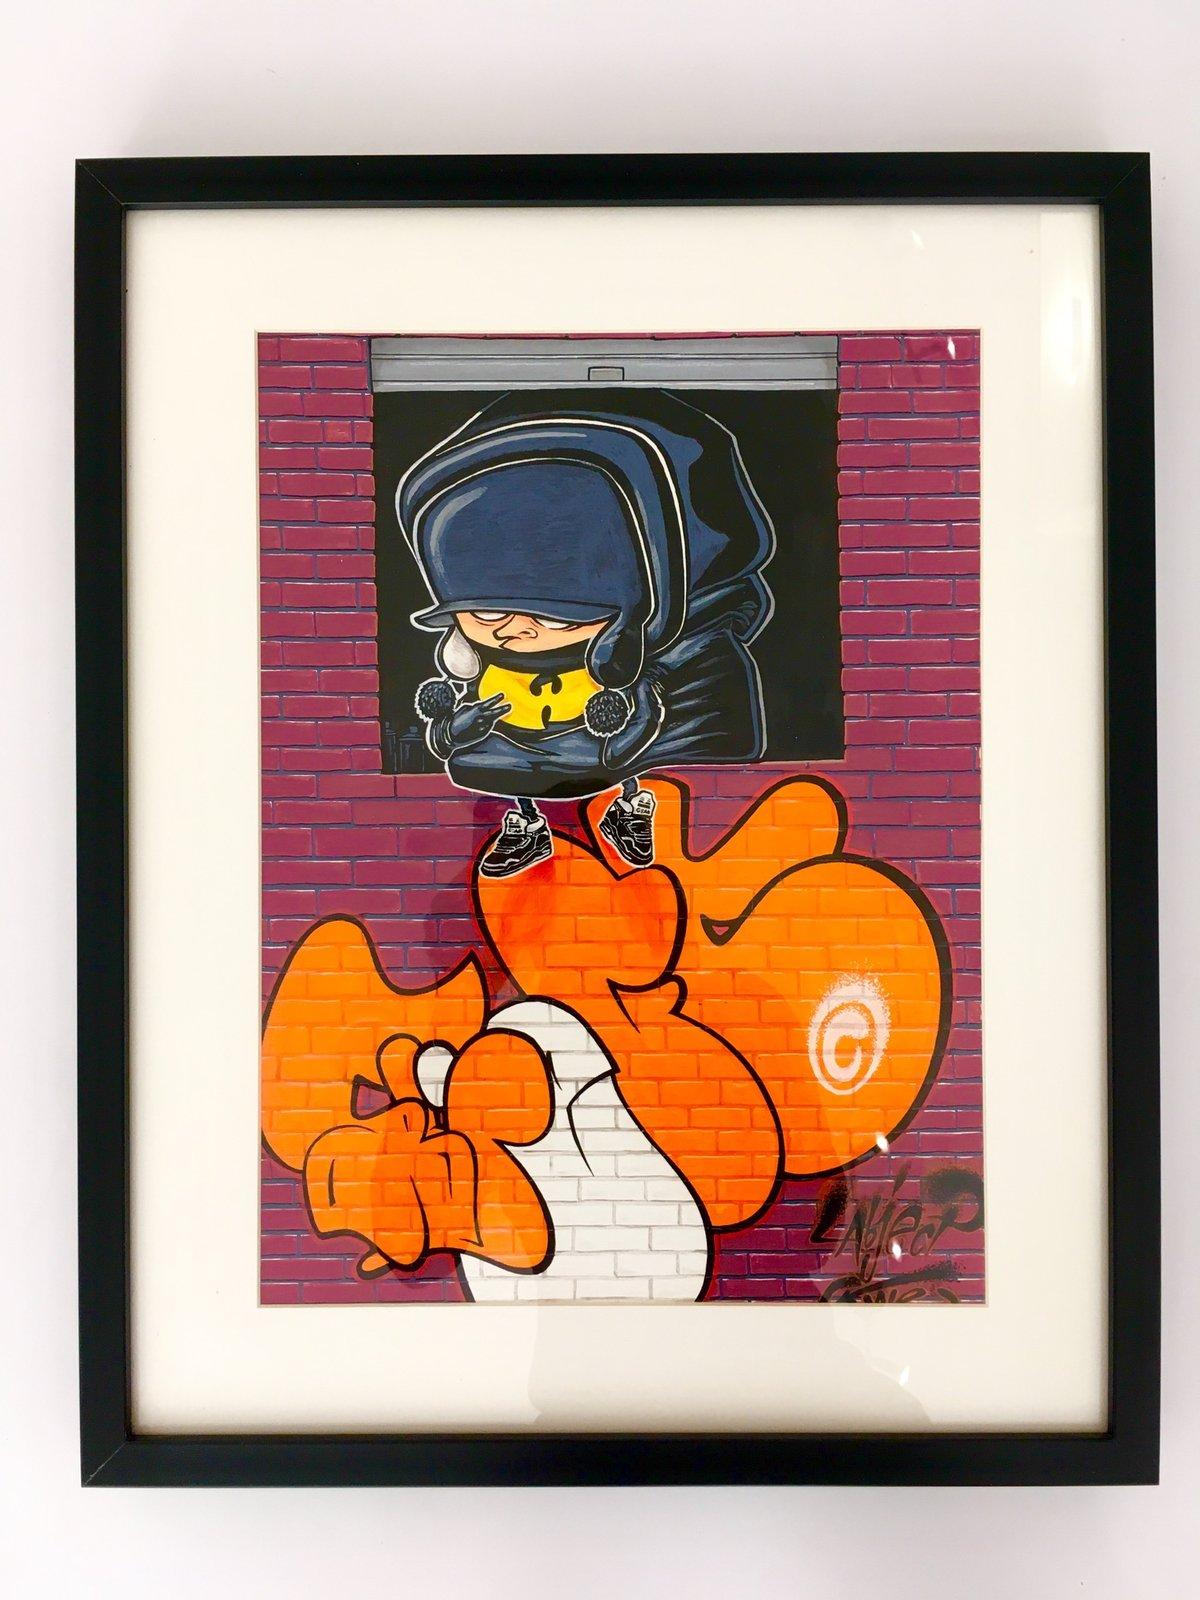 """Image of Repro. """"The Bronx"""" Encadrée Signée Numérotée"""